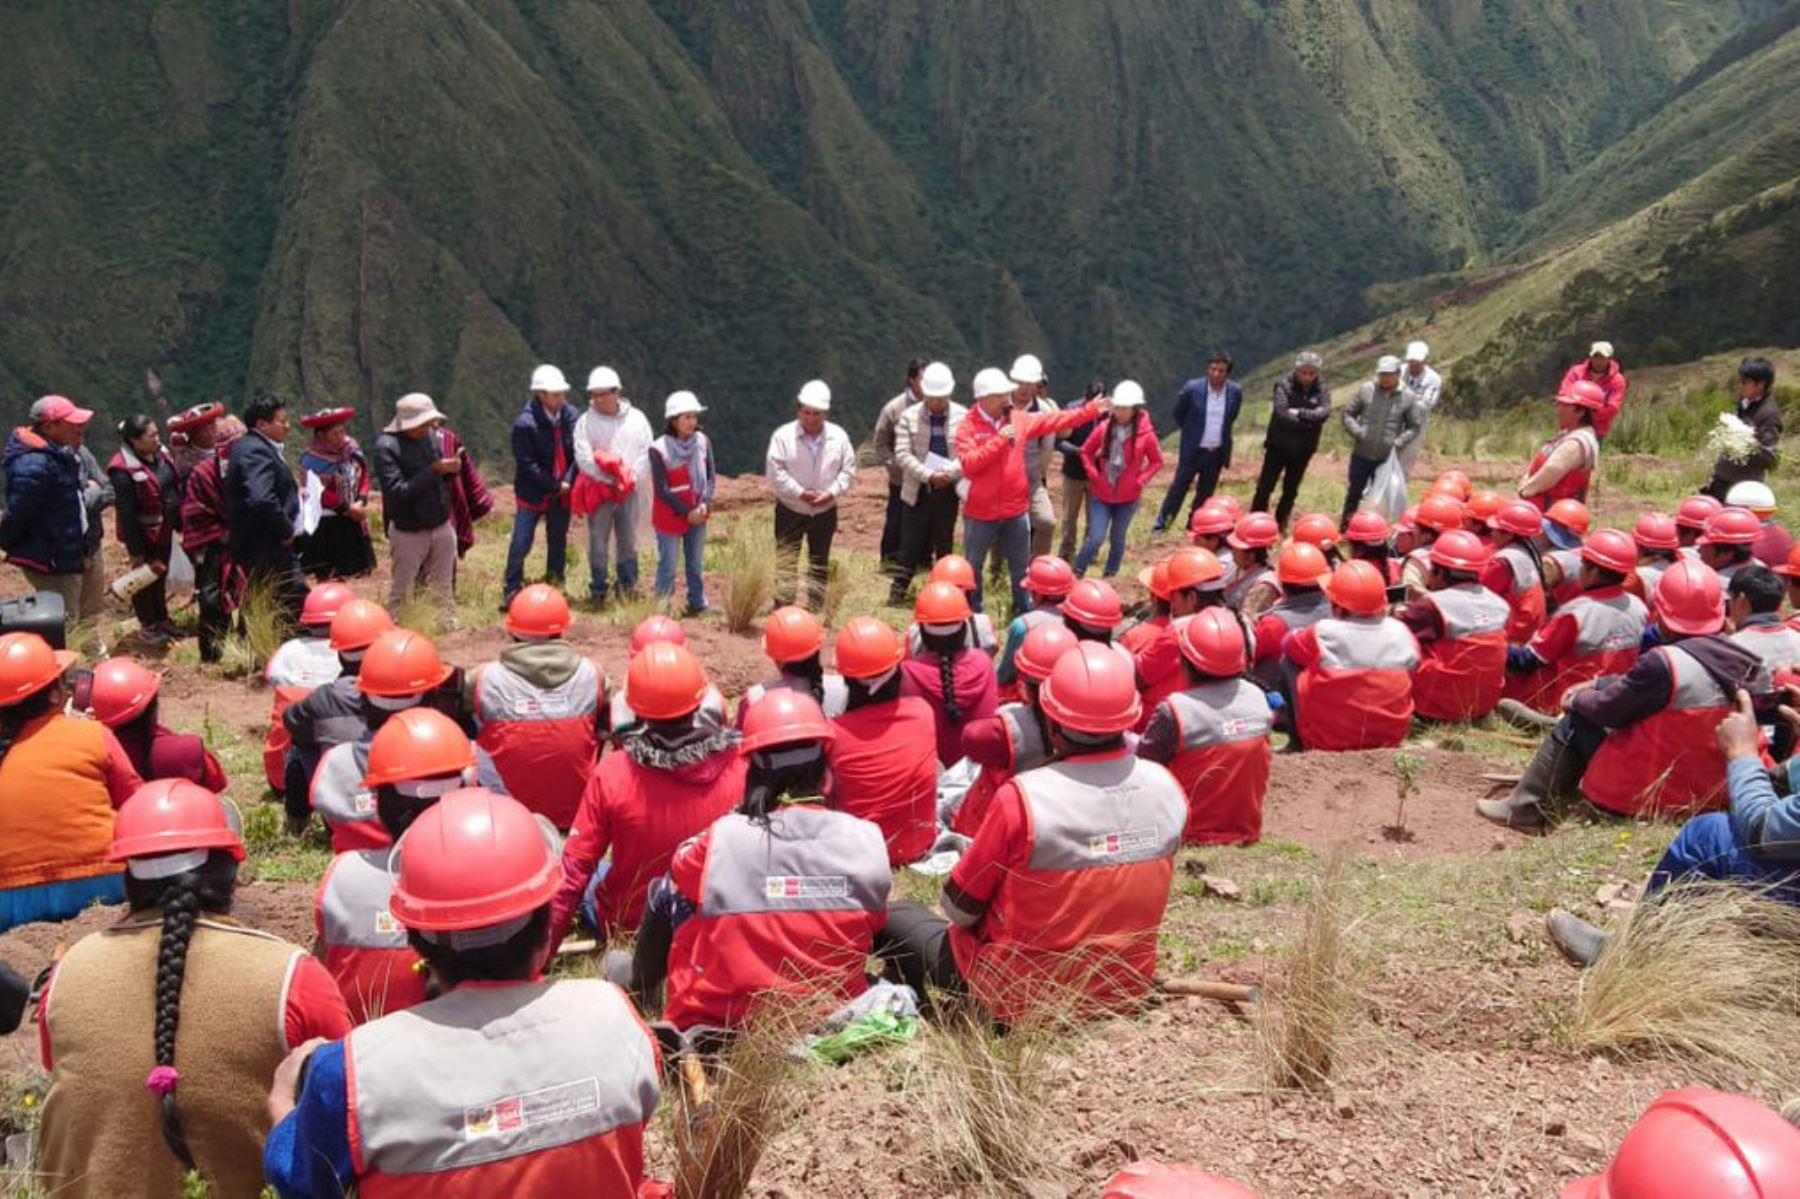 Campesinos de distrito de Chinchero, Cusco, se benefician con 120 empleos temporales.